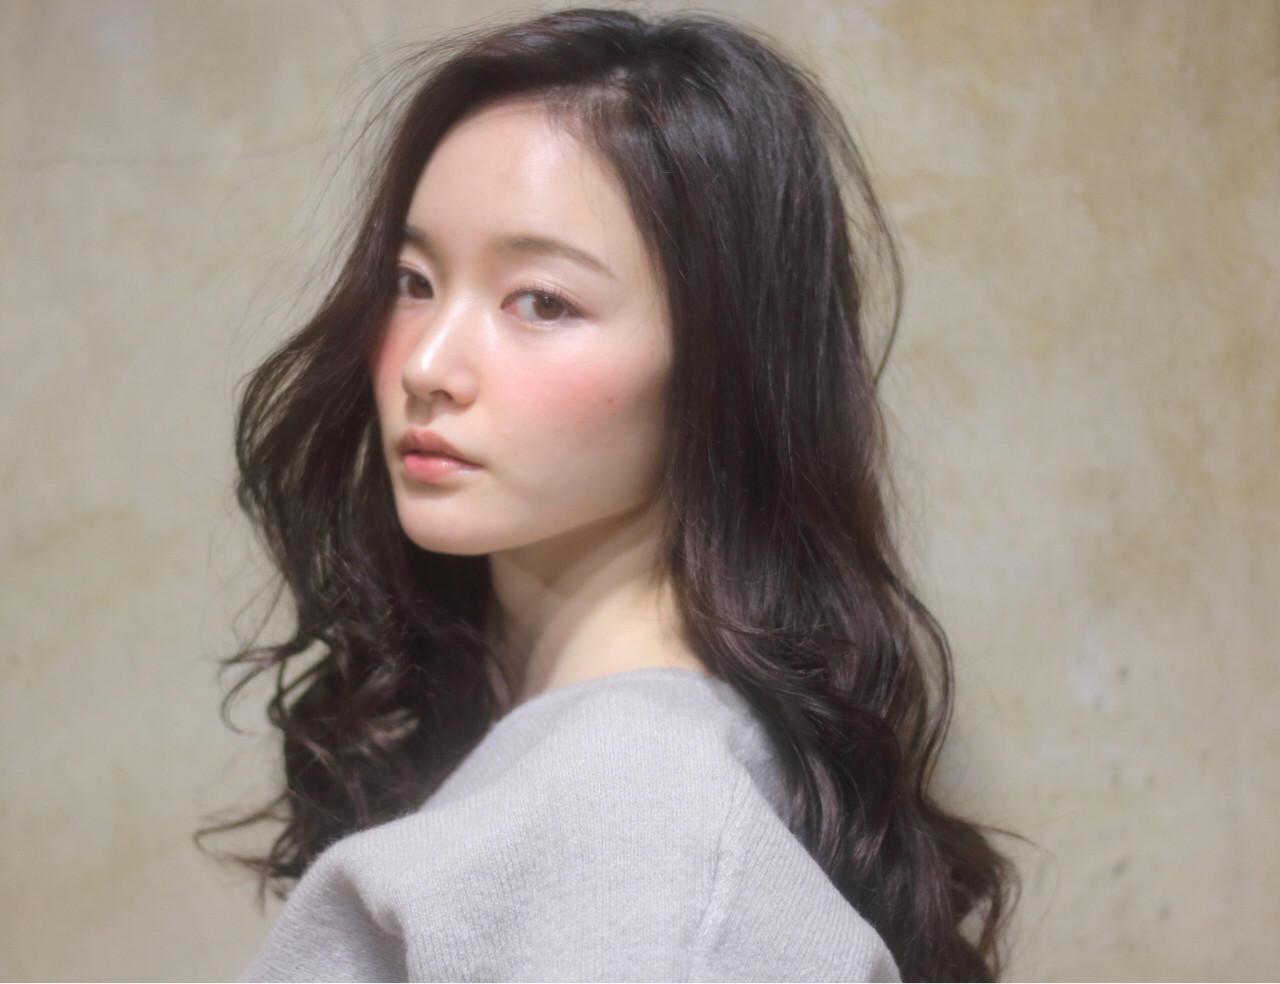 暗髪 レイヤーカット ナチュラル 大人かわいい ヘアスタイルや髪型の写真・画像